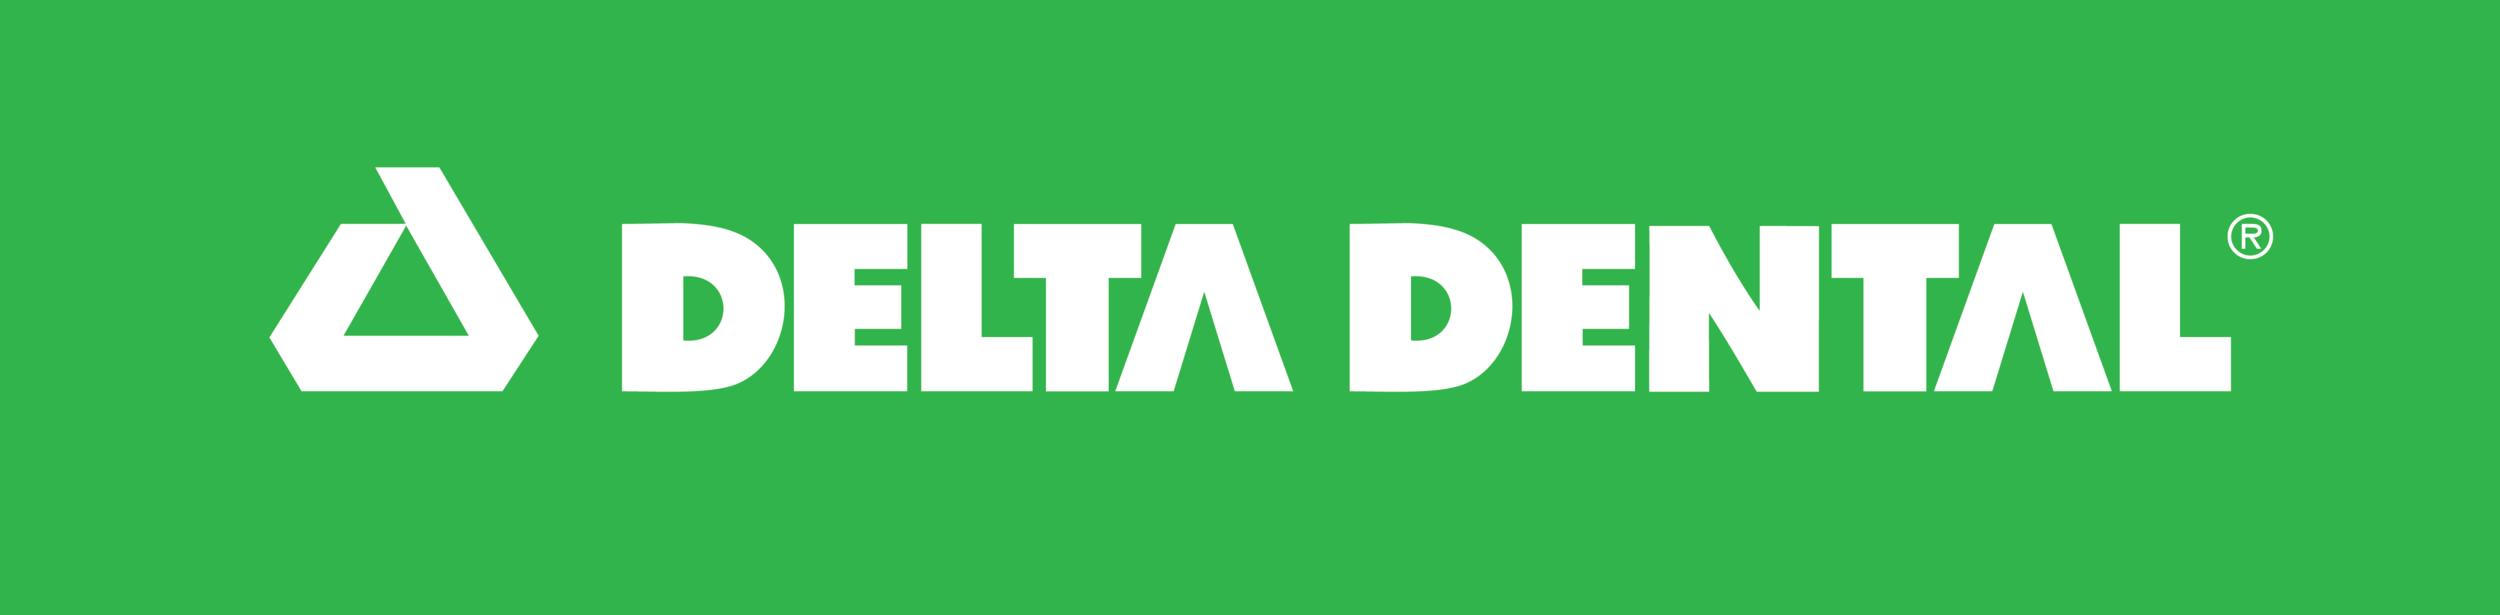 Delta Dental Green Large Hi Res.png